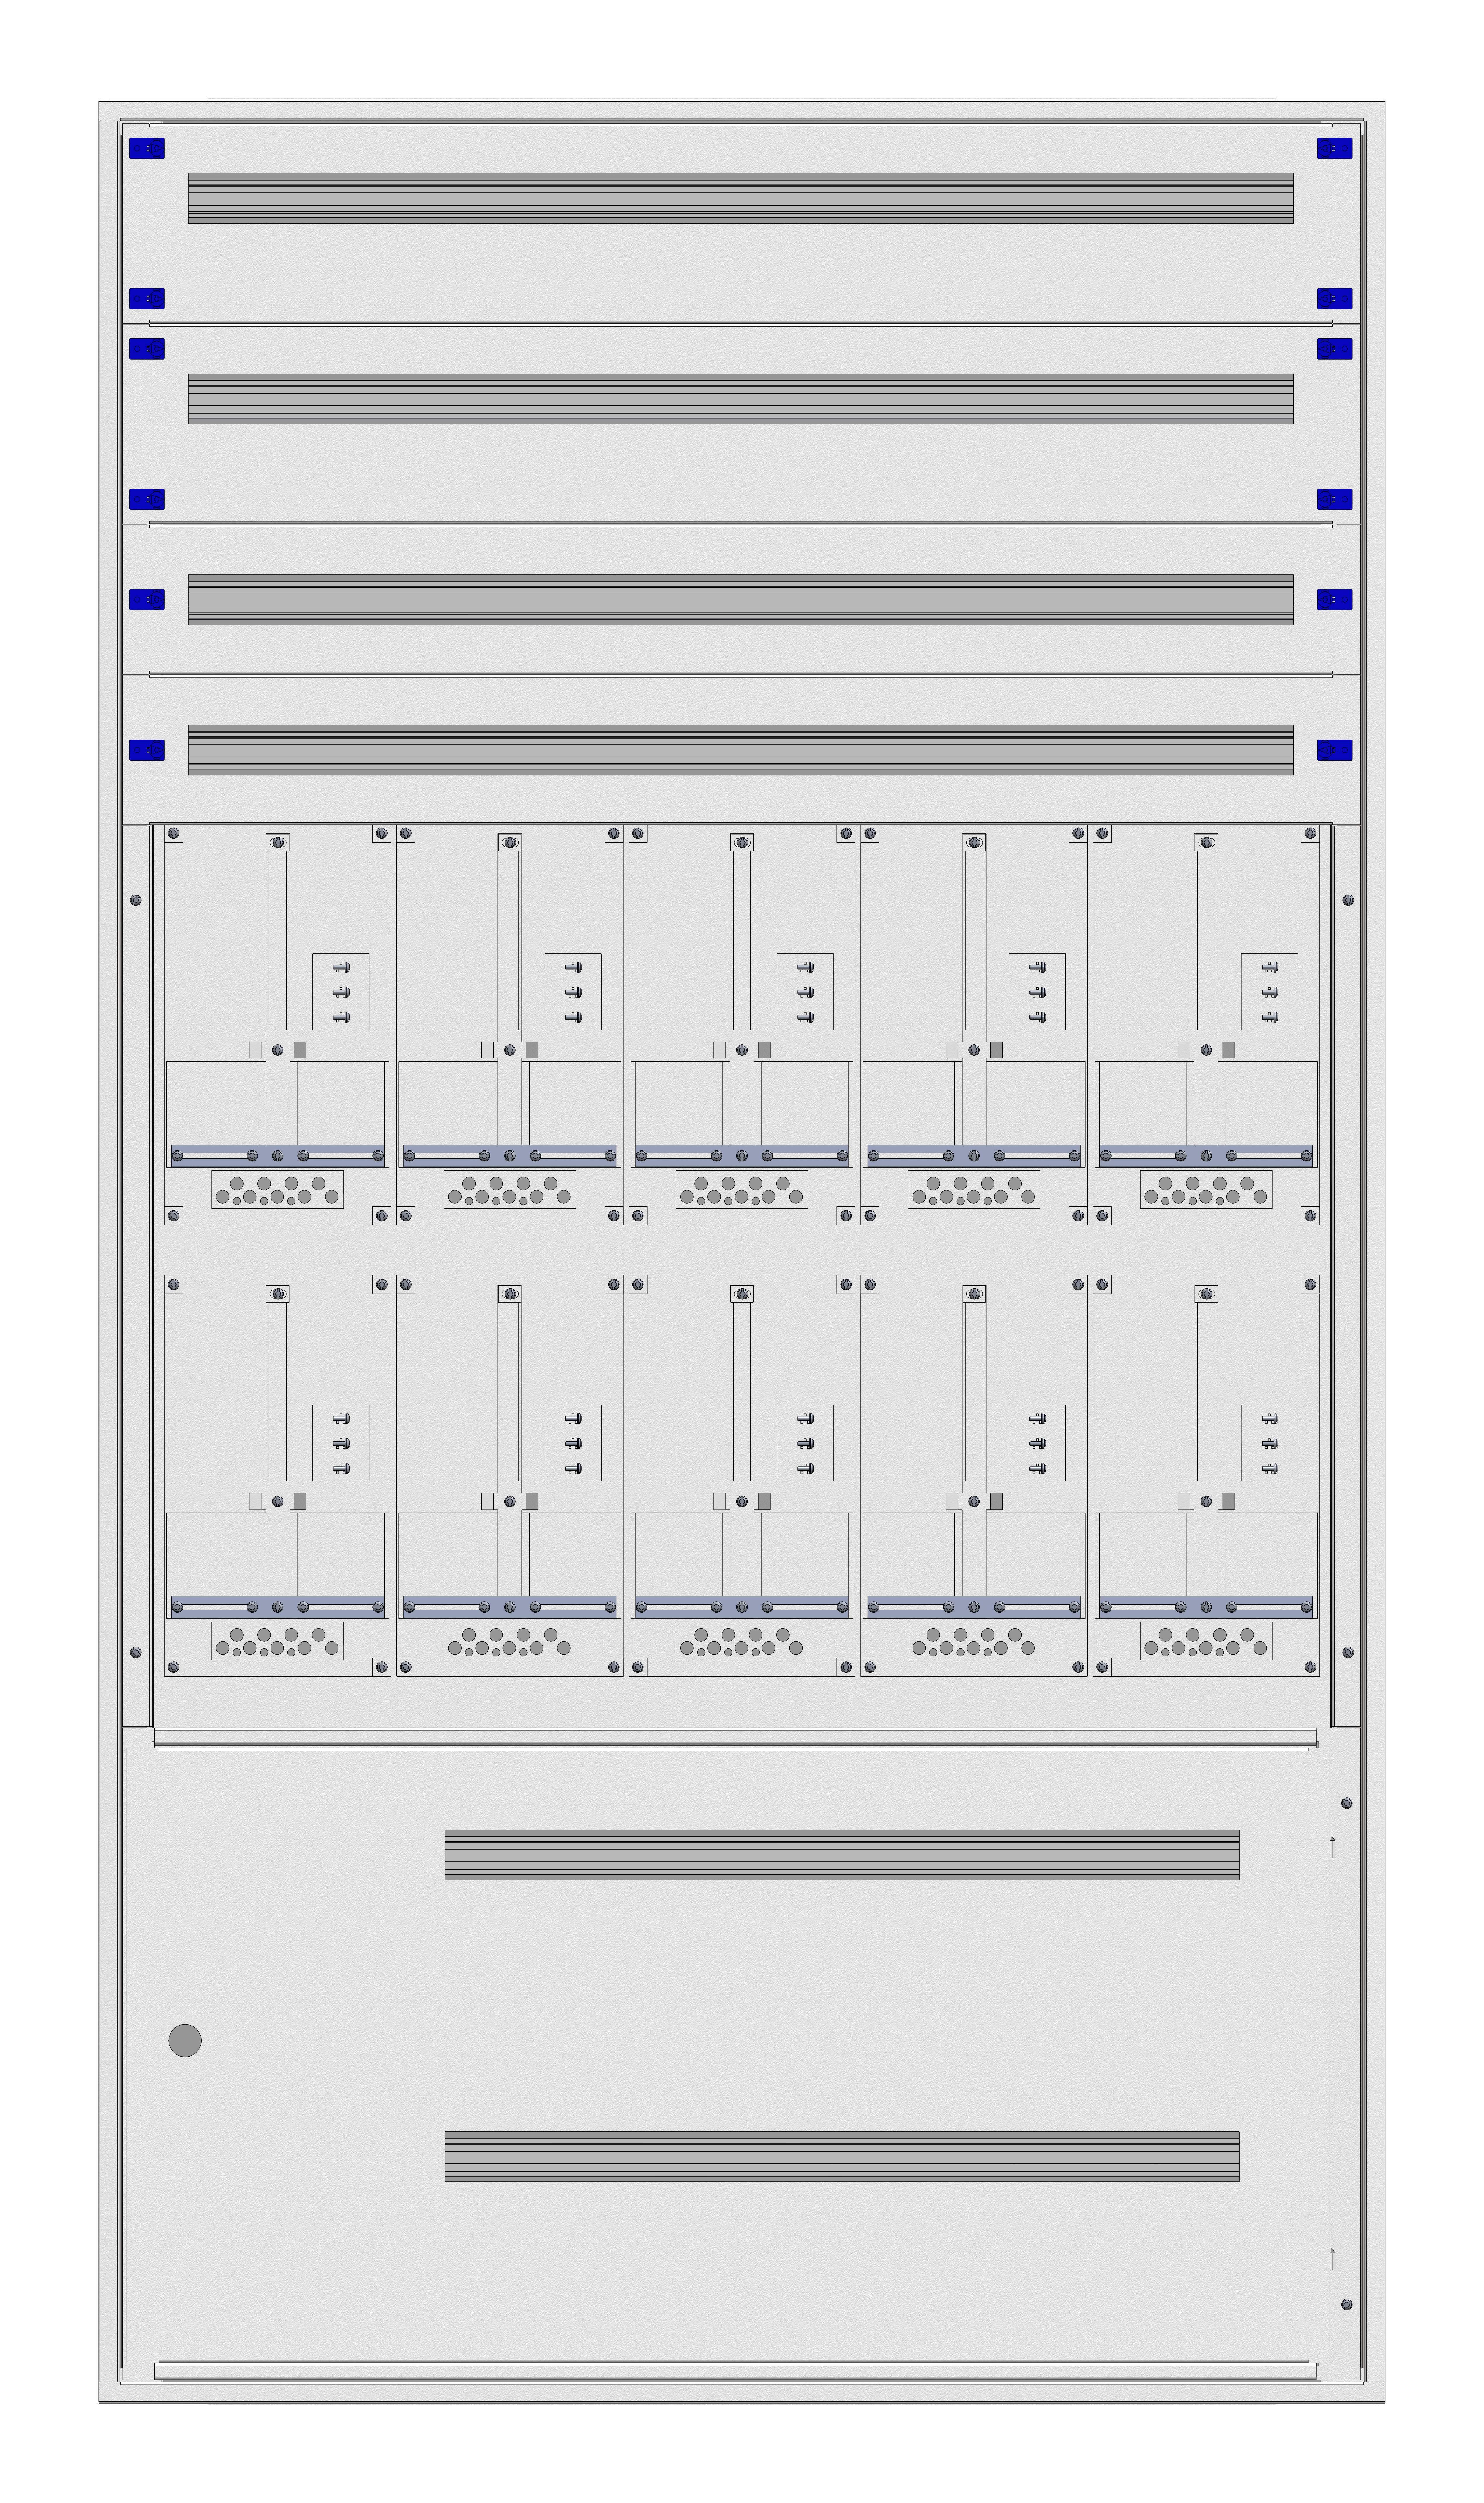 1 Stk Unterputz-Zählerverteiler 5U-45G/STMK 10ZP, H2160B1230T250mm IL166545GS